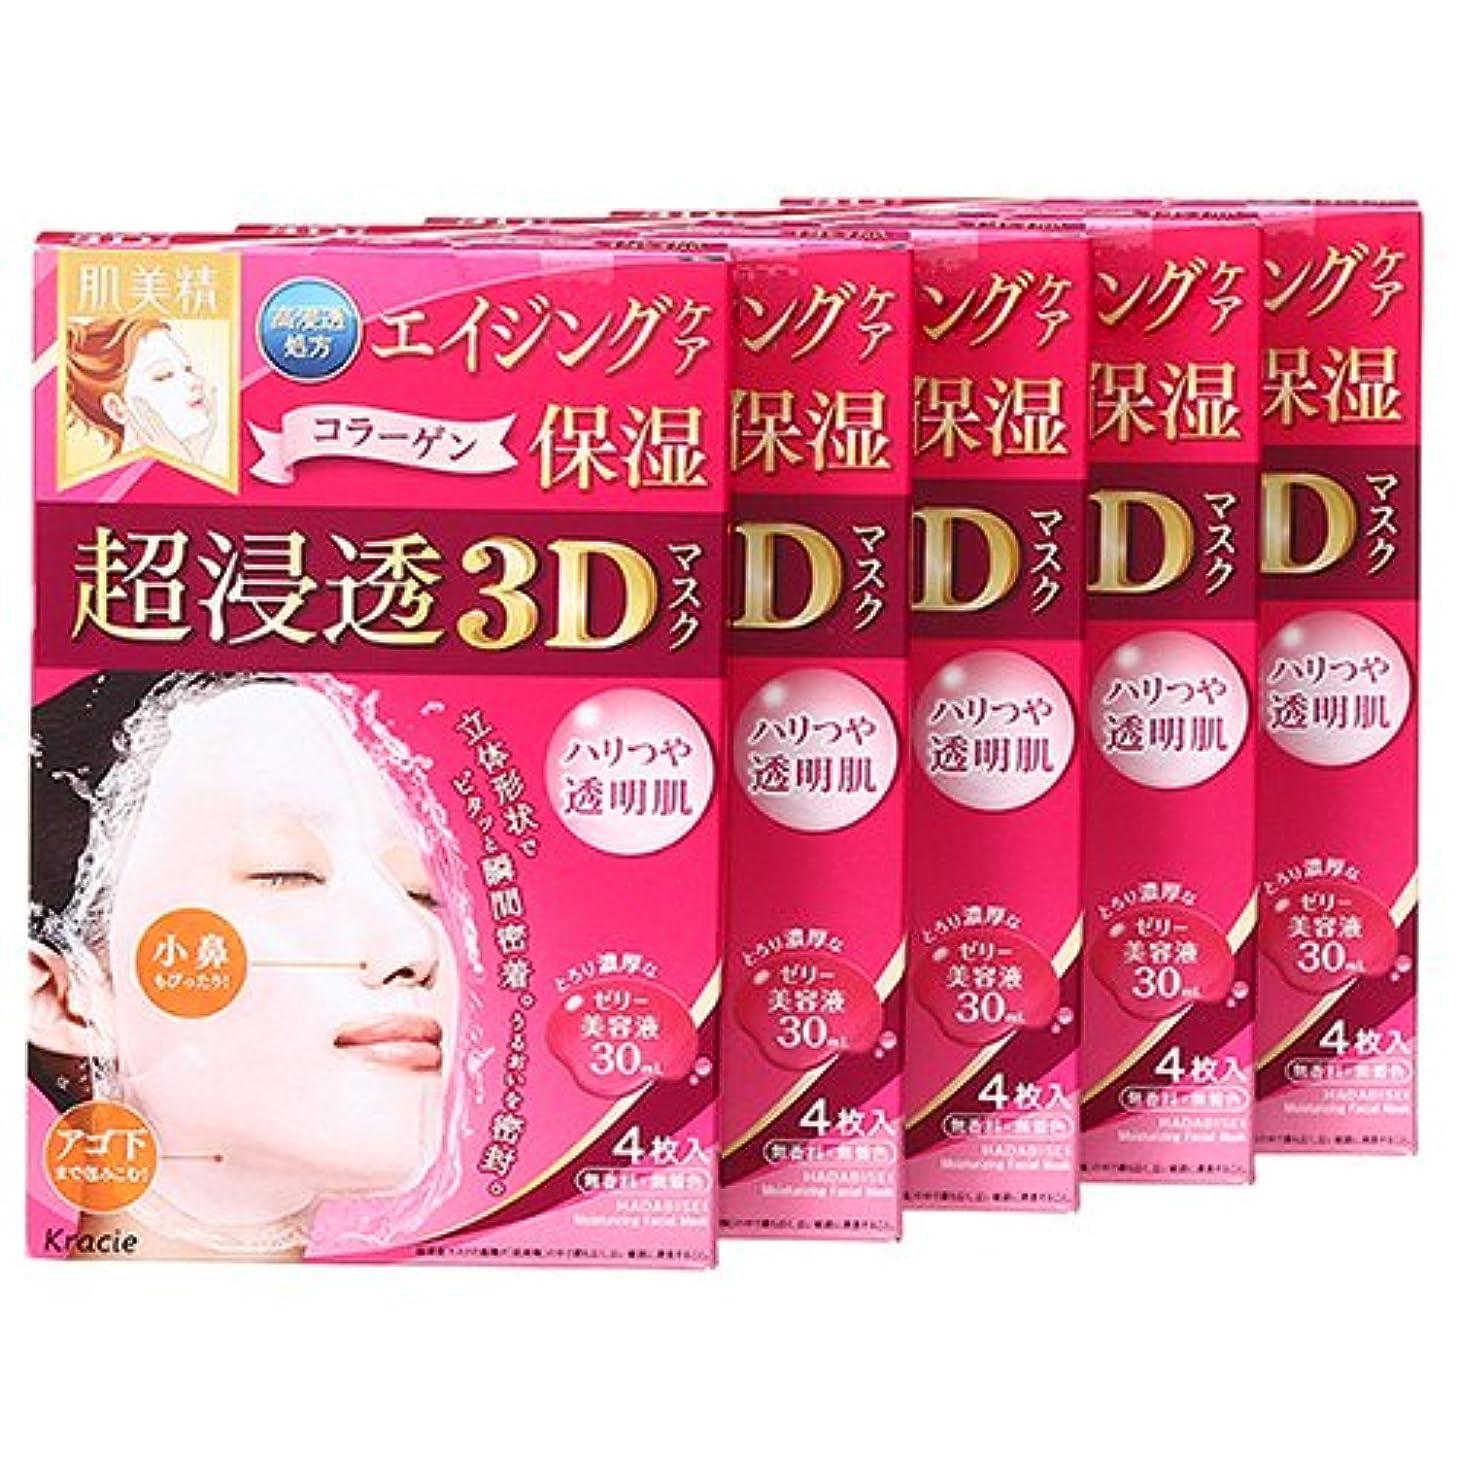 ダイアクリティカルピースきれいにクラシエホームプロダクツ 肌美精 超浸透3Dマスク エイジングケア(保湿) 4枚入 (美容液30mL/1枚) 5点セット [並行輸入品]